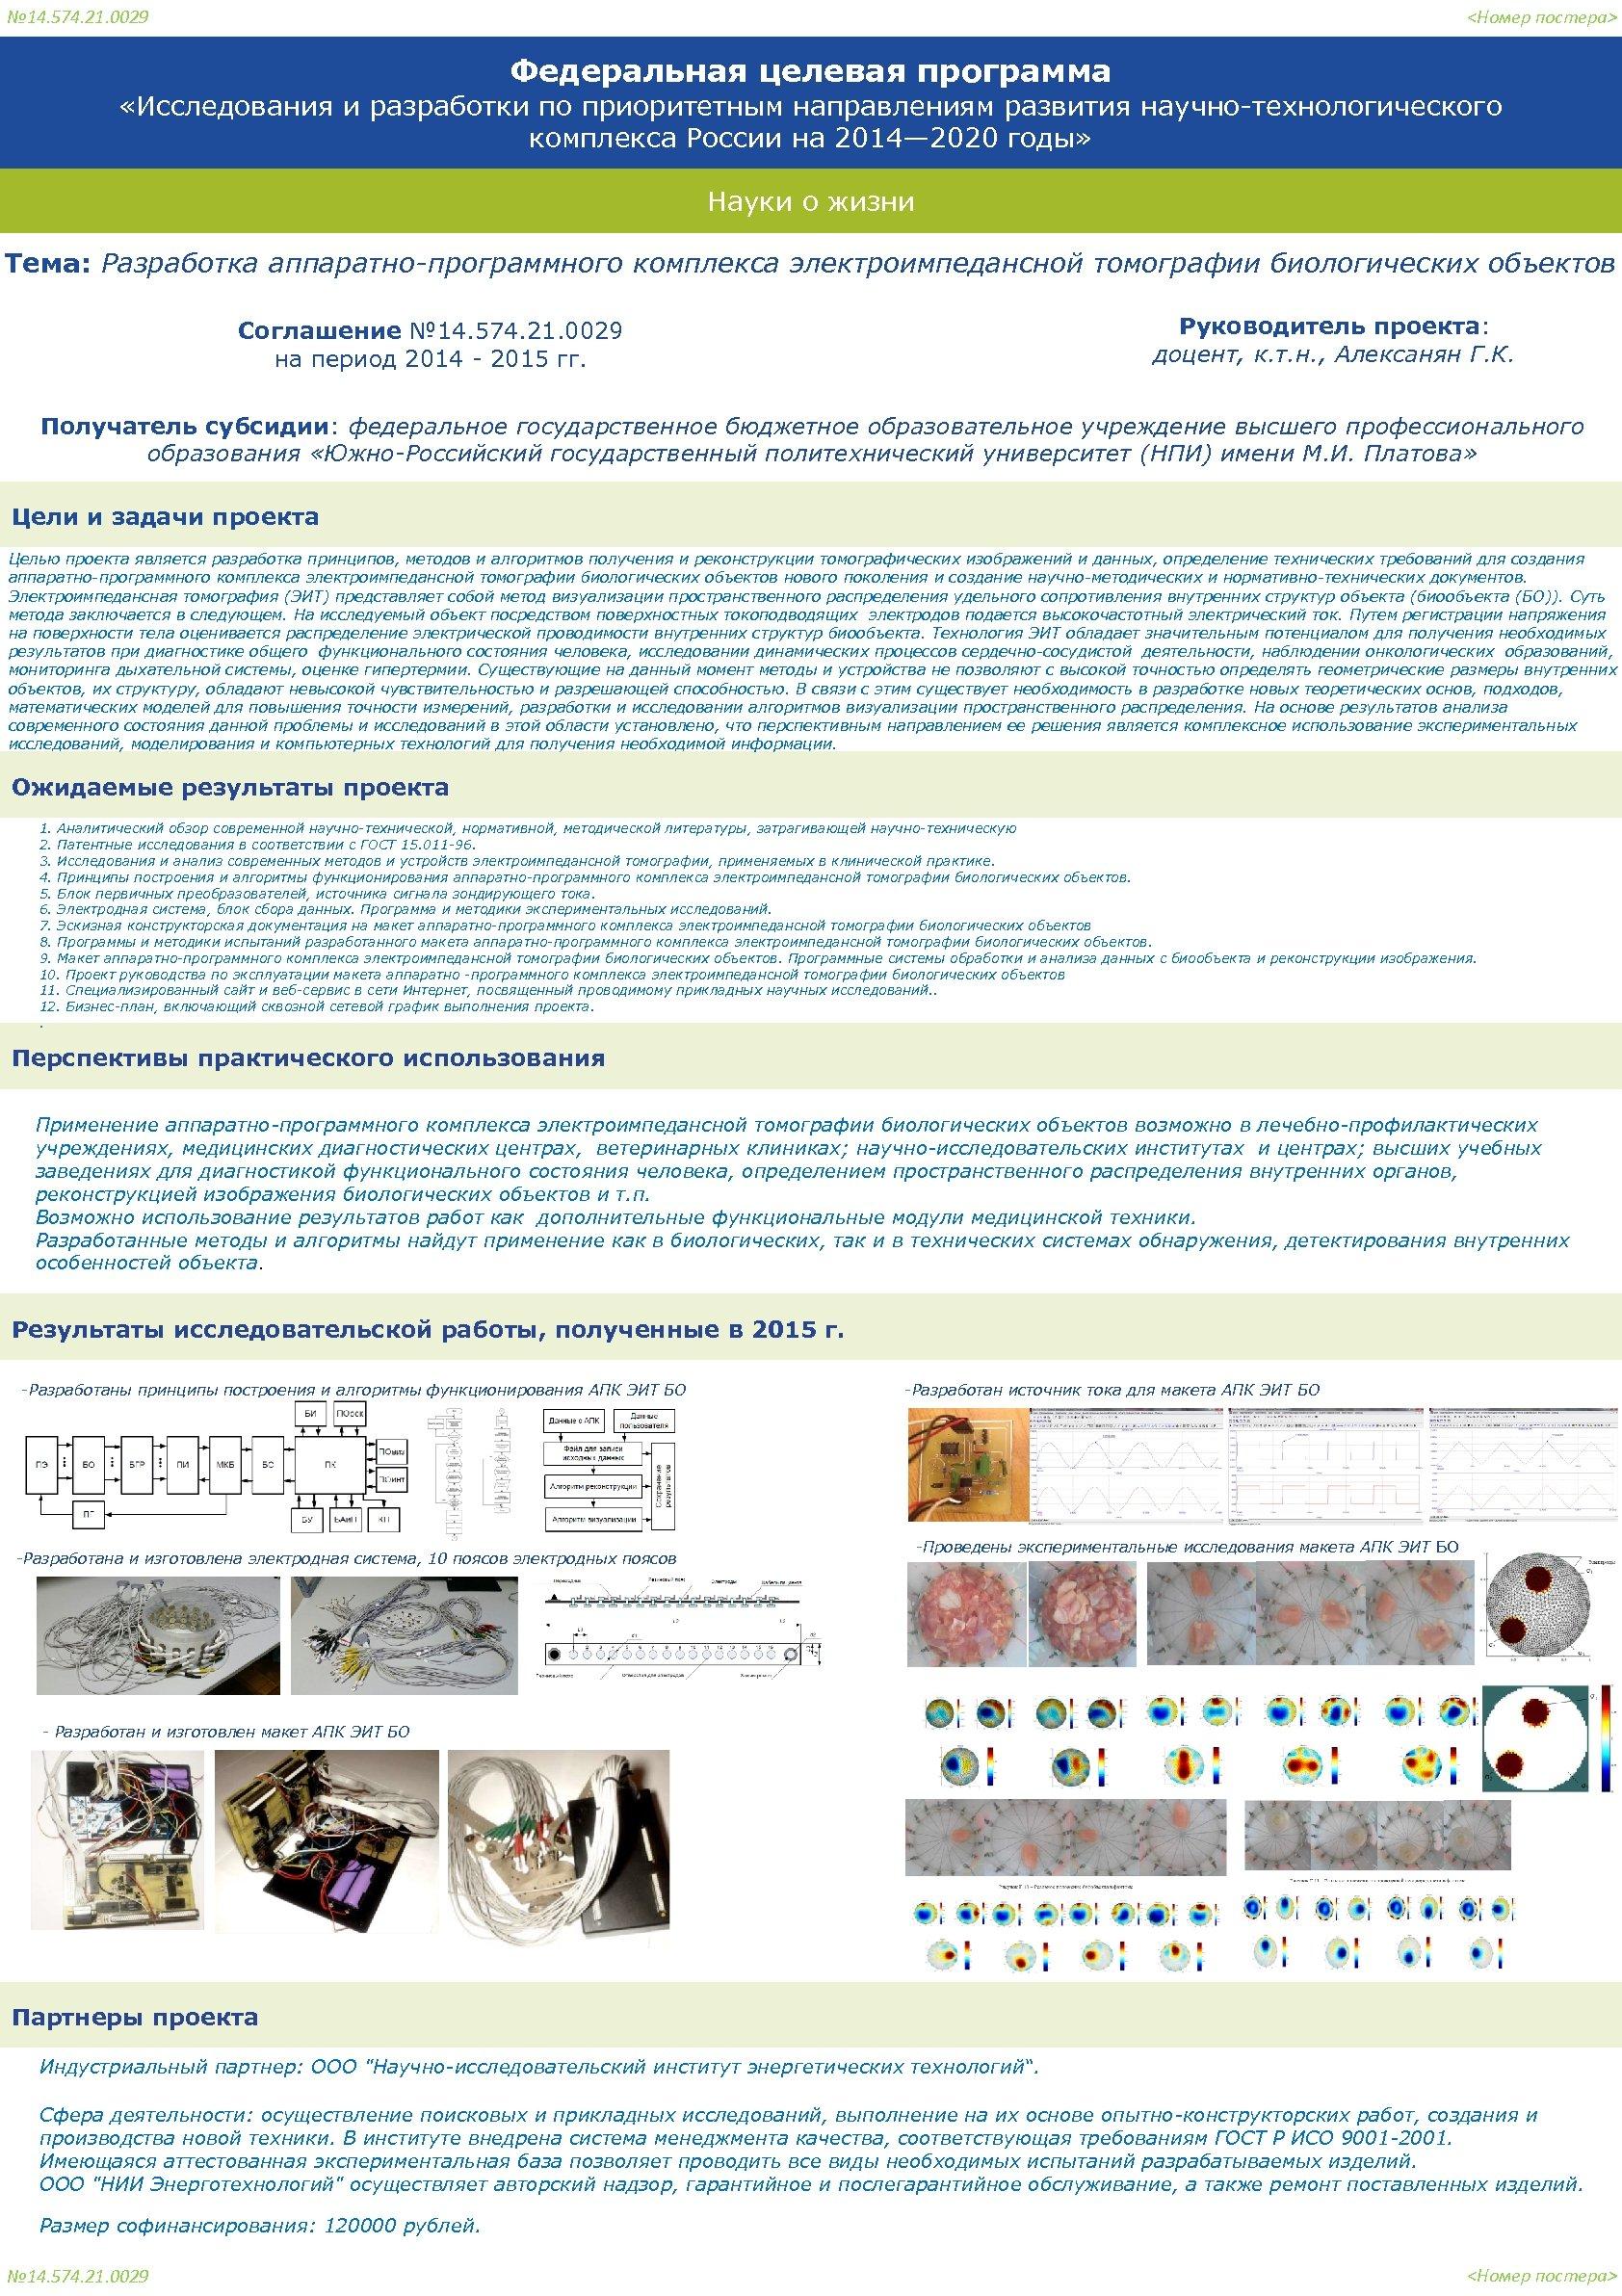 № 14. 574. 21. 0029 <Номер постера> Федеральная целевая программа «Исследования и разработки по